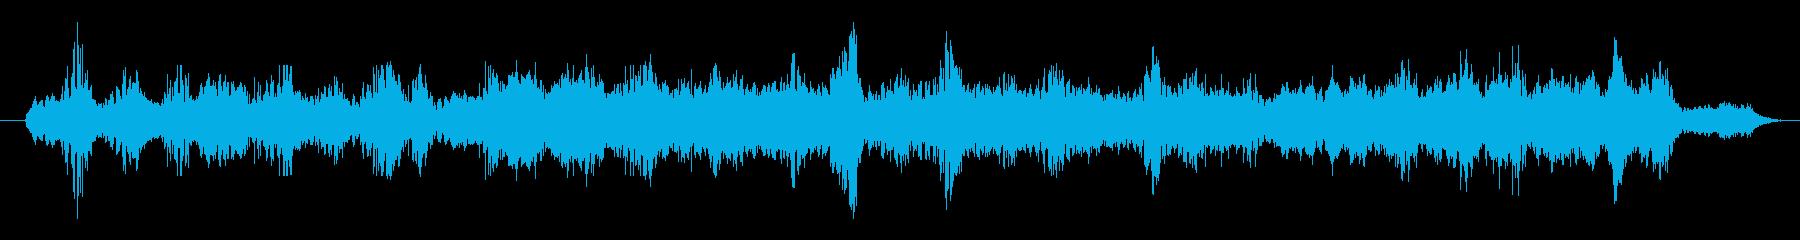 サイケデリックなサウンドトラックの再生済みの波形